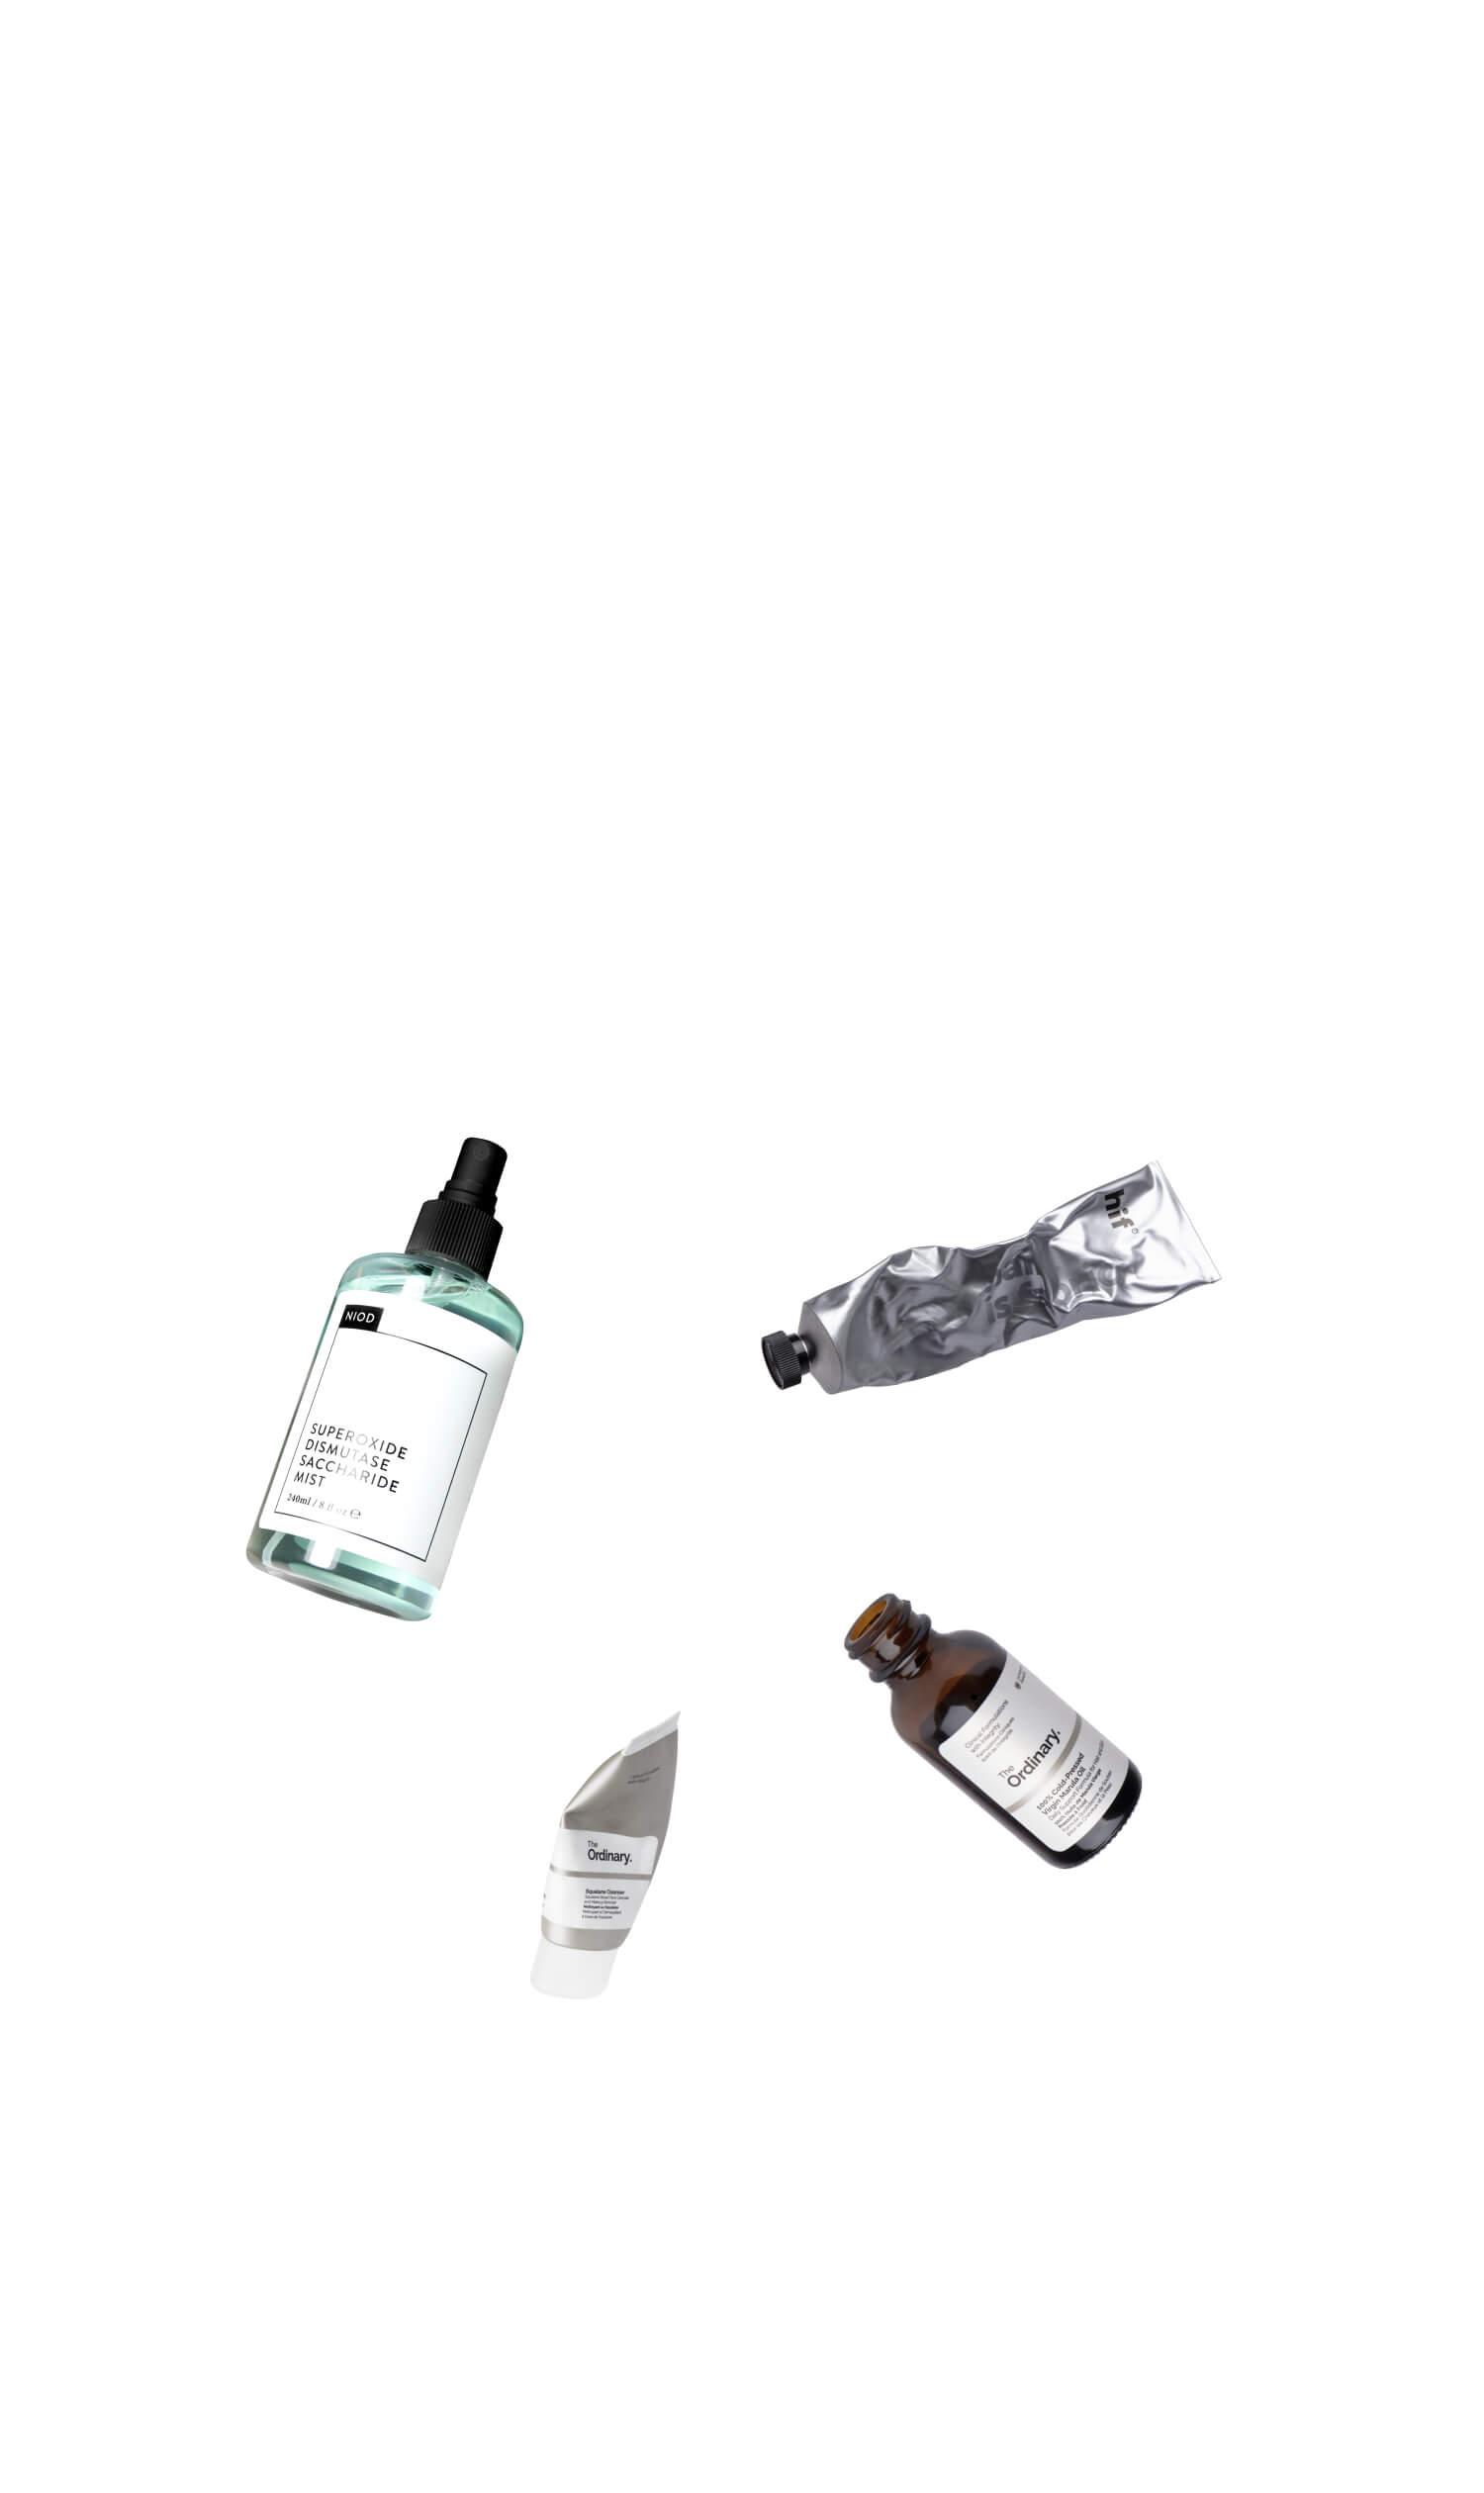 Miscellaneous Deciem products